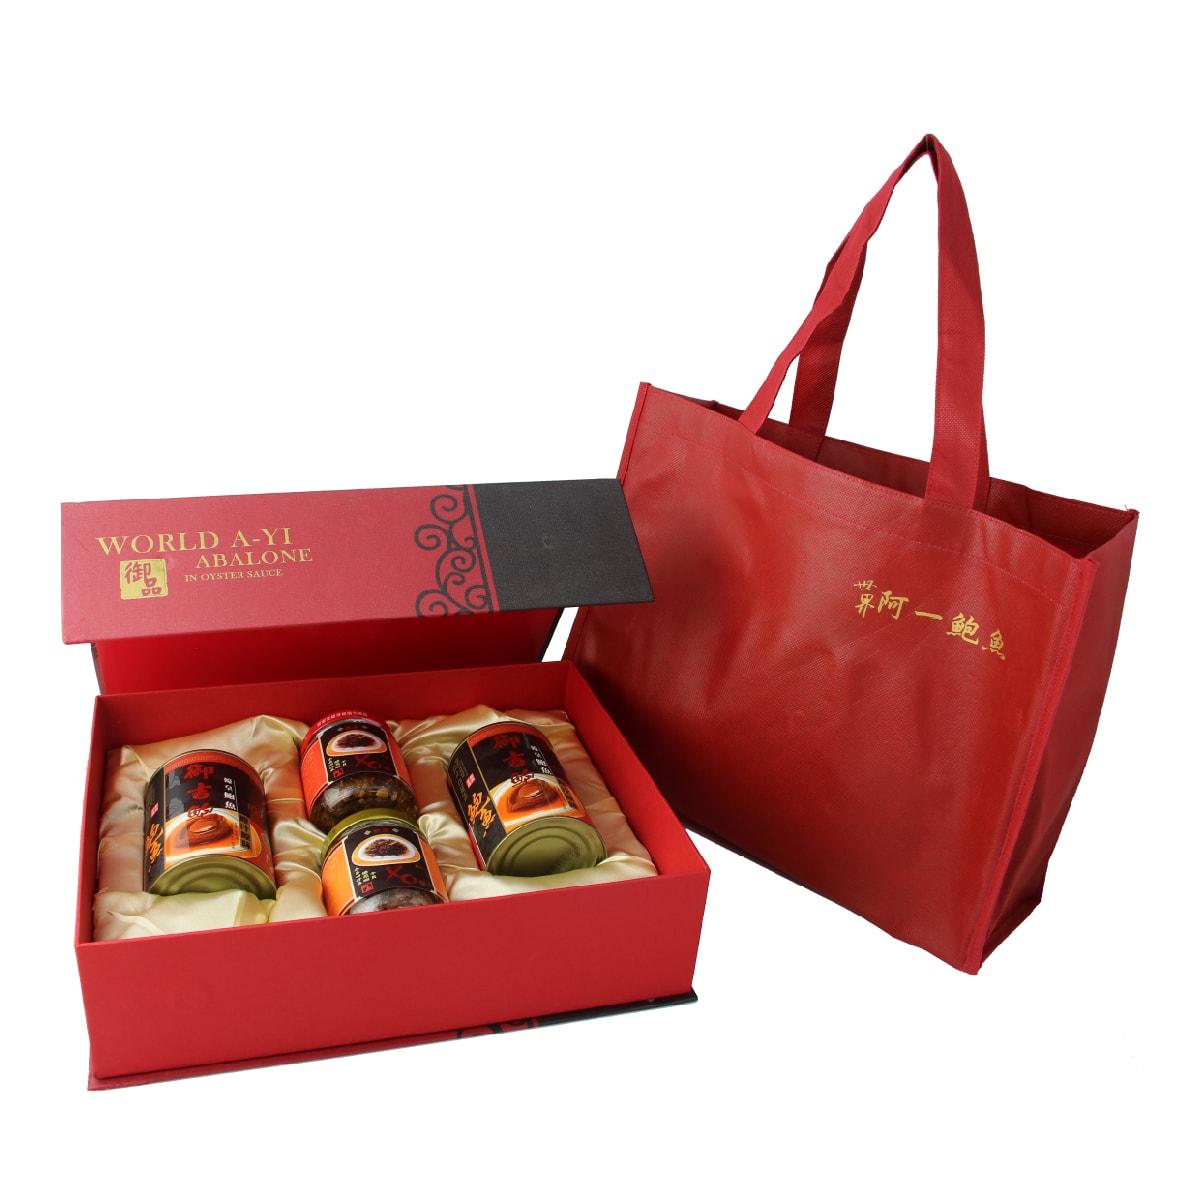 【台湾直邮】台湾 世界阿一鲍鱼 御吉皇家礼盒